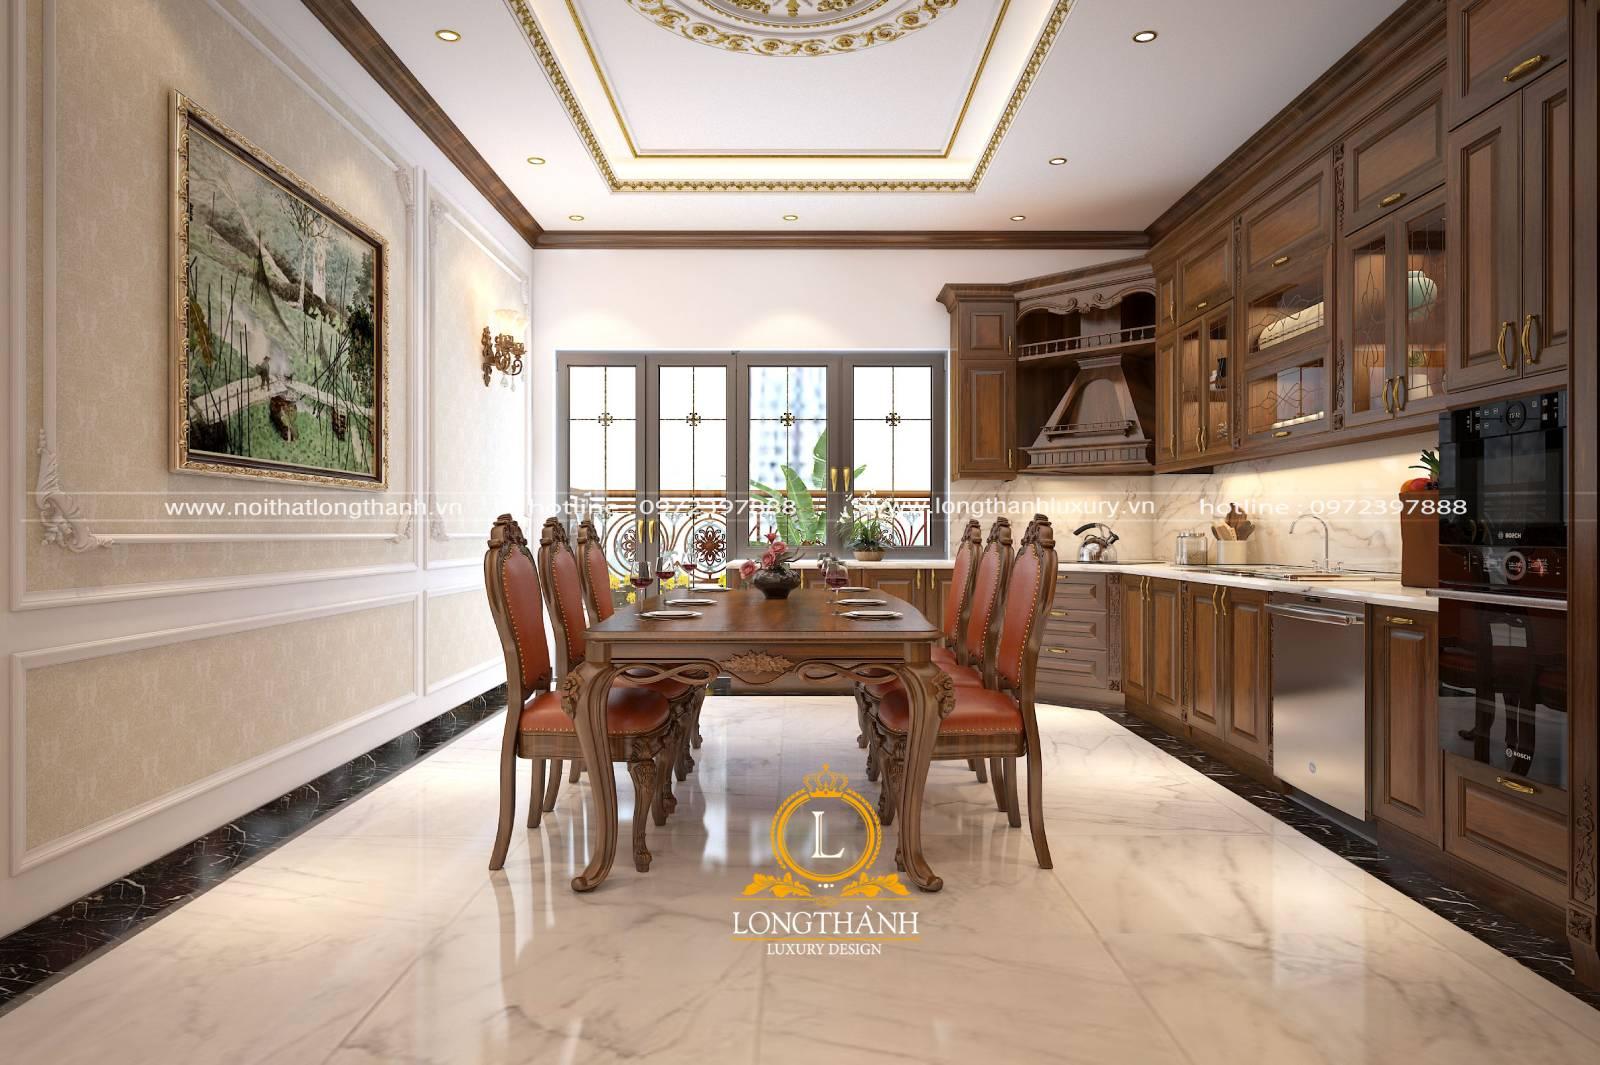 Mẫu tủ bếp gỗ Gõ đỏ dành cho thiết kế nội thất nhà phố hẹp tiện lợi